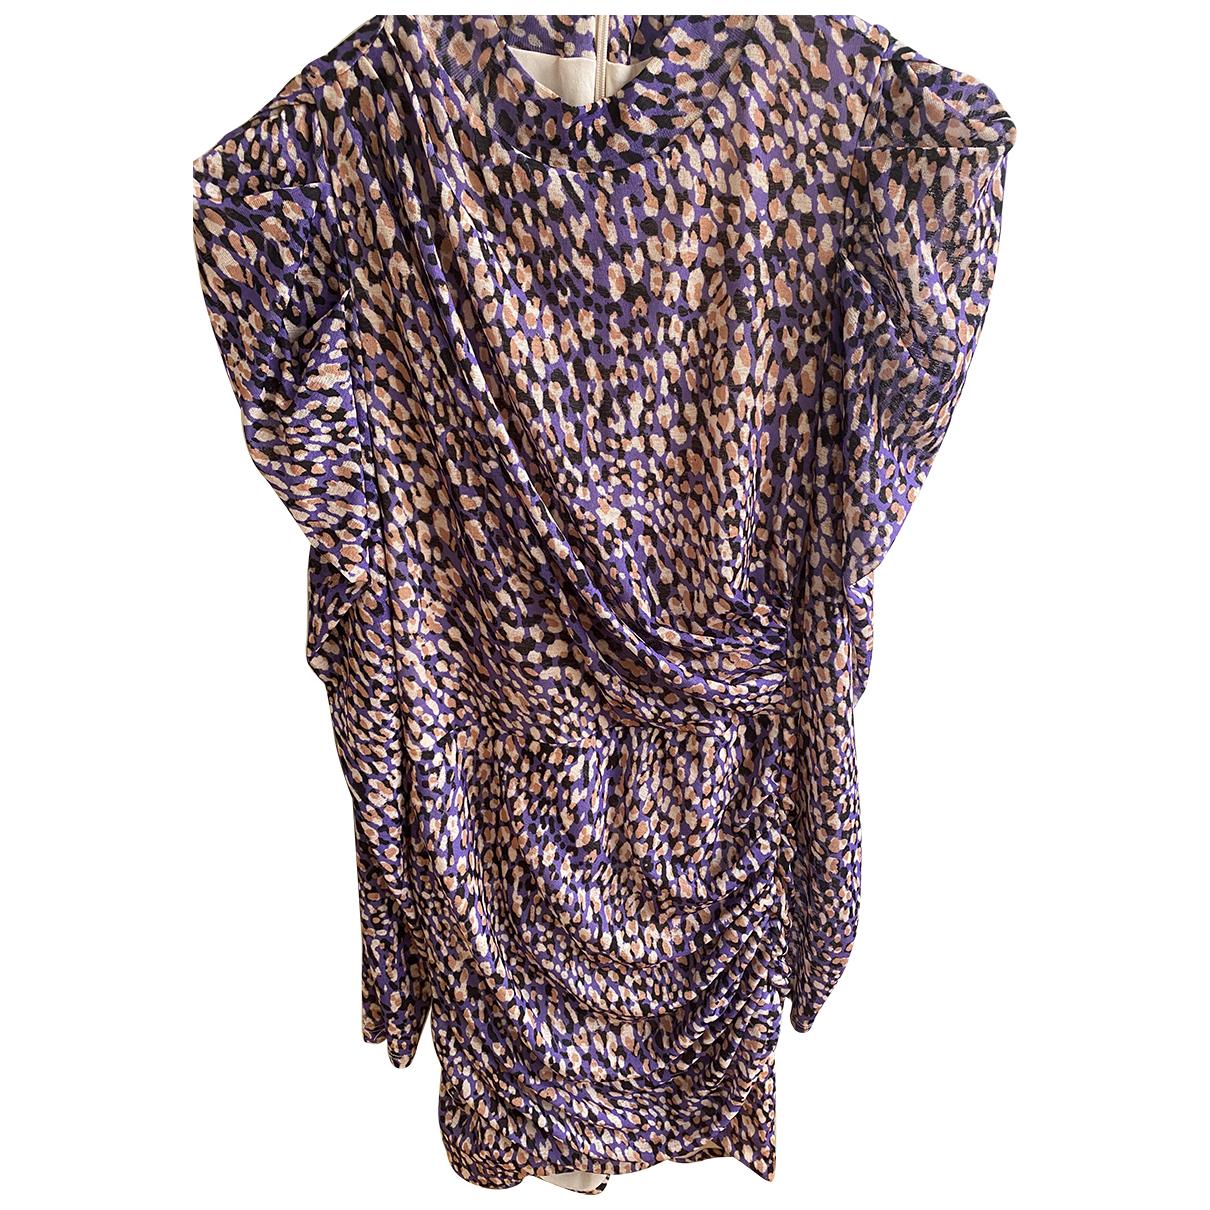 H&m Studio \N Kleid in Polyester